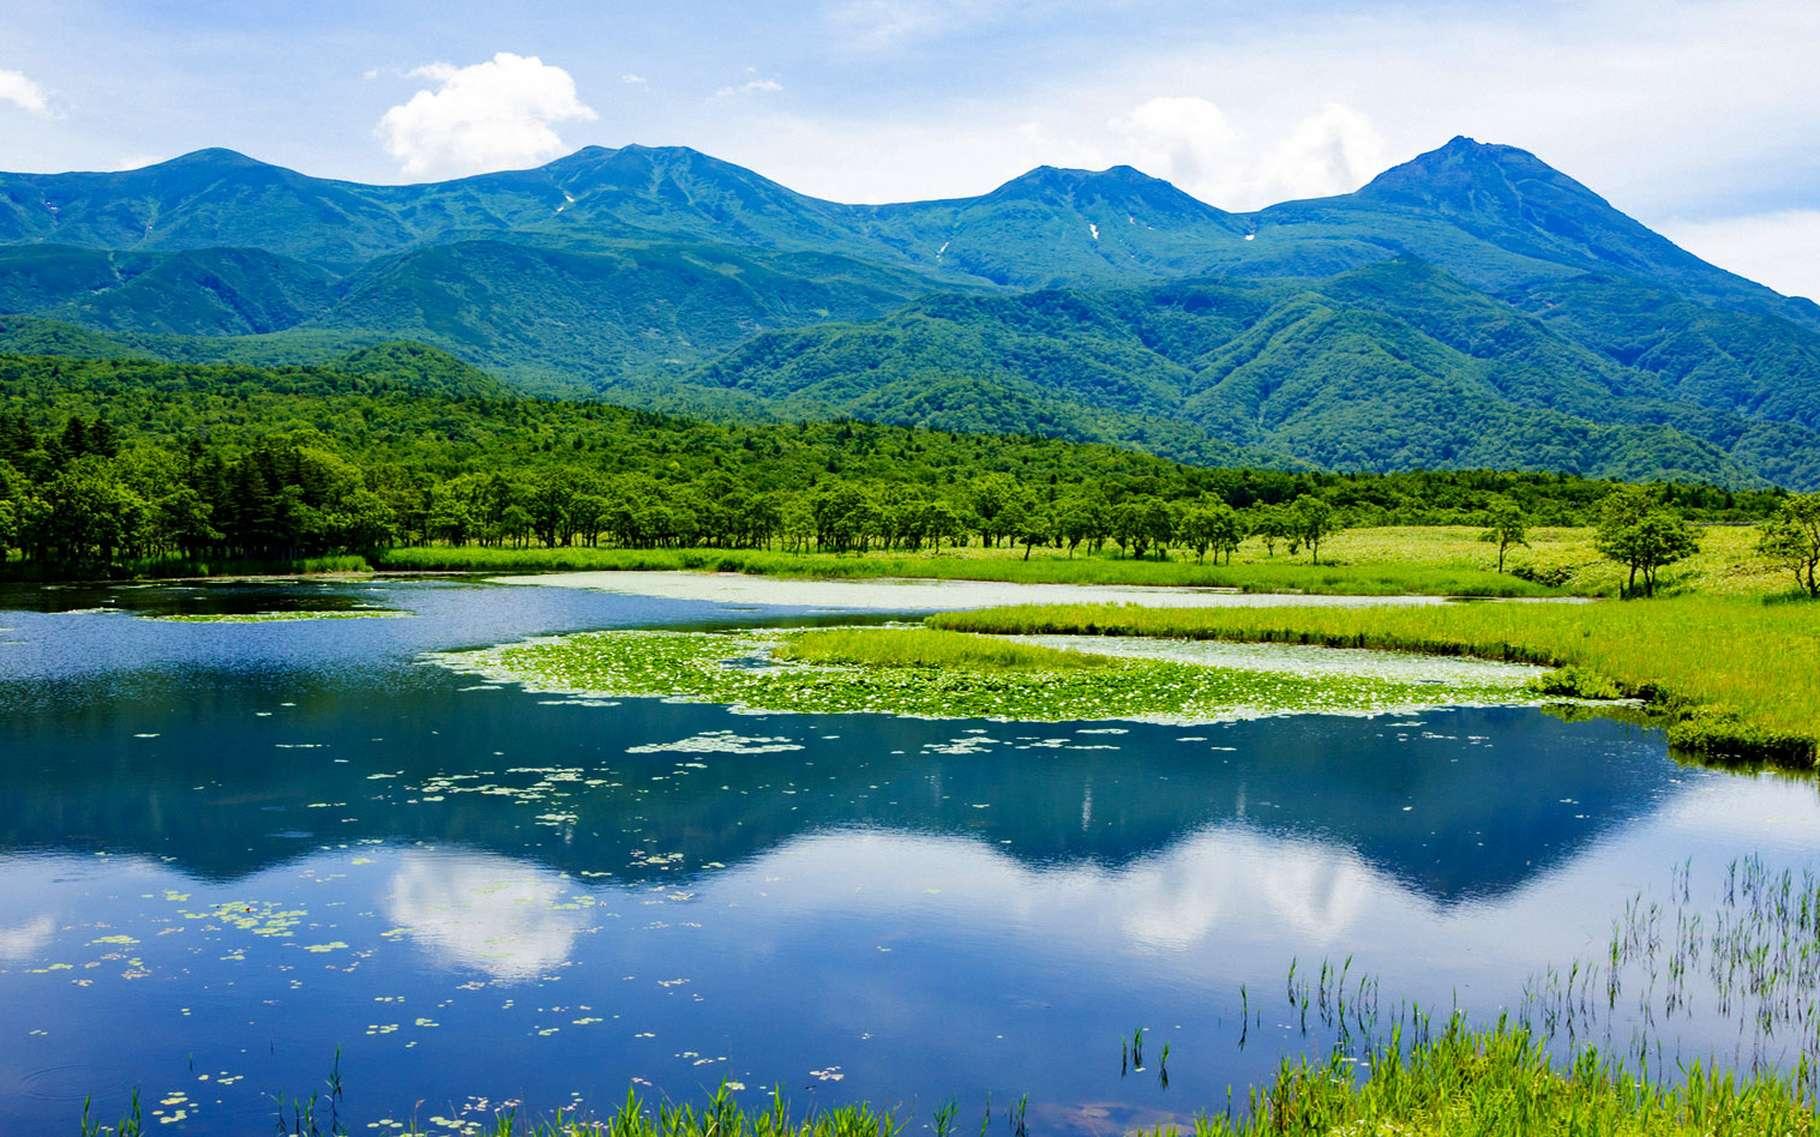 La péninsule de Shiretoko, au nord-est de Hokkaido, l'île la plus au nord du Japon. L'interaction des écosystèmes marins et terrestres, la grande productivité biologique et les glaces marines saisonnières créent un environnement très particulier. Il abrite des espèces en danger et endémiques, comme le kétoupa de Blakiston et la plante Viola kitamiana, ainsi que des oiseaux migrateurs, de nombreux salmonidés et des mammifères marins, notamment le lion de mer de Steller. © CC-by-sa igo 3.0 Unesco